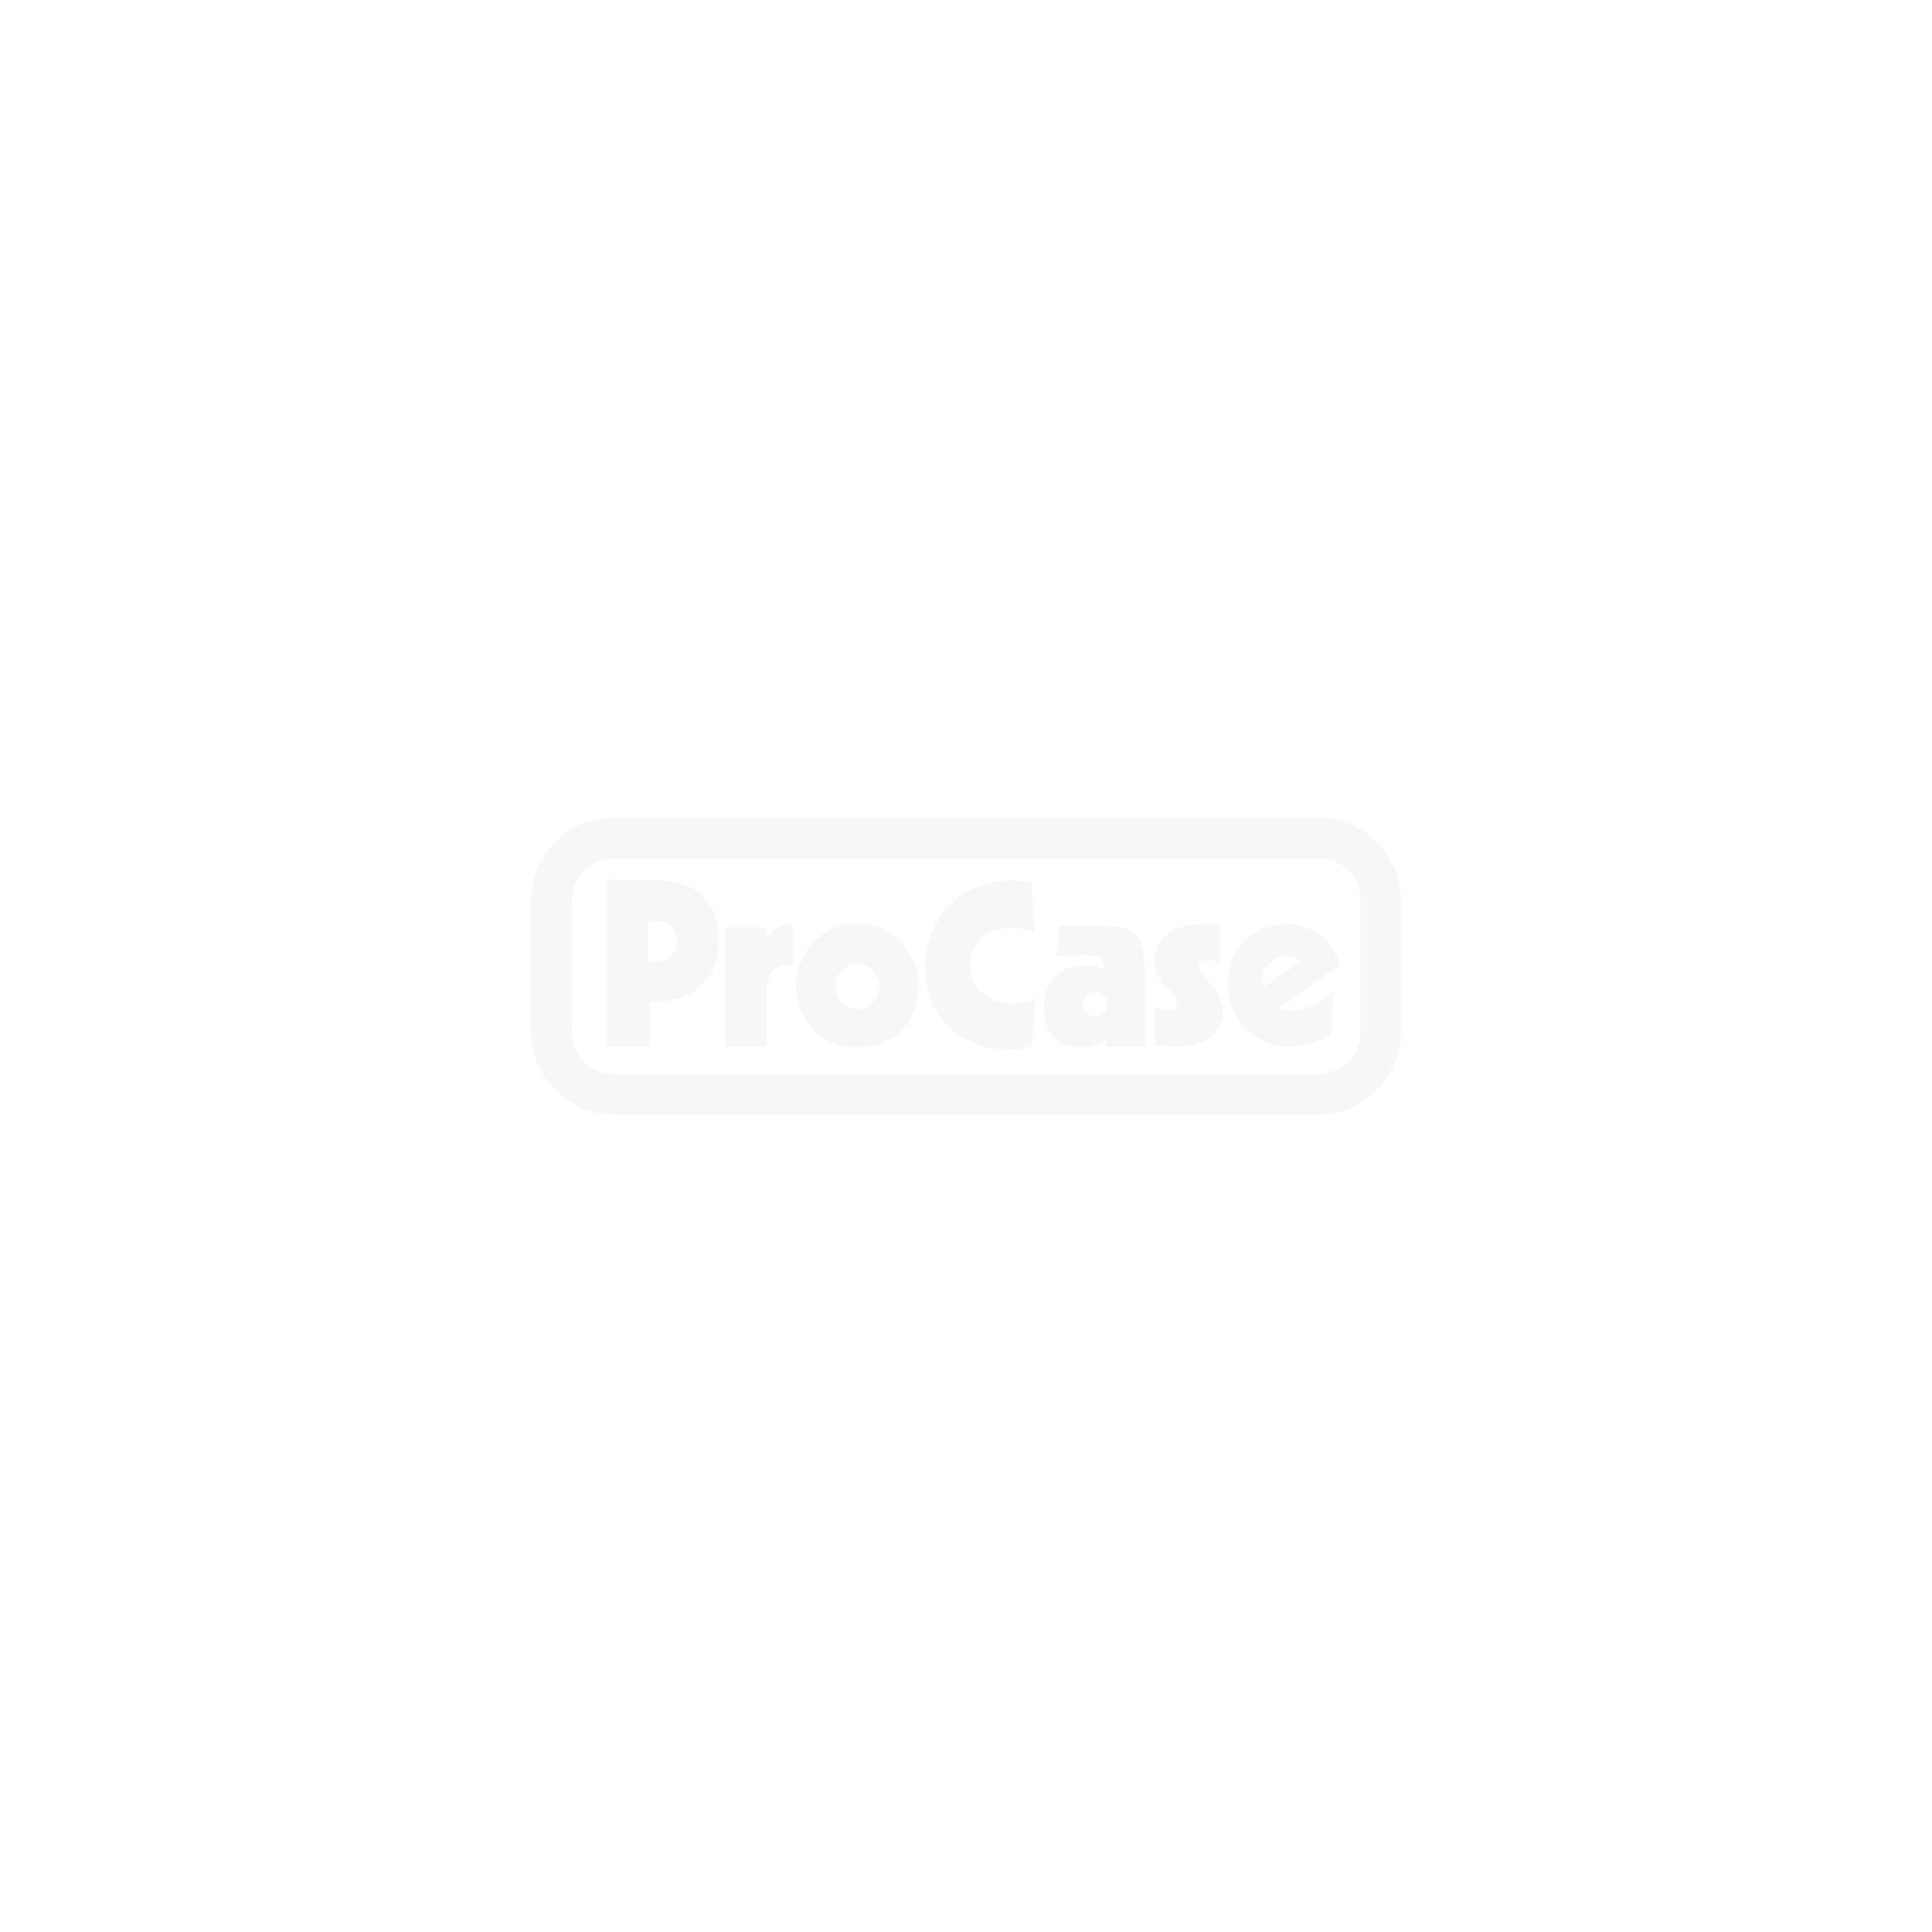 QSD-Rack 20HE 800 mm tief